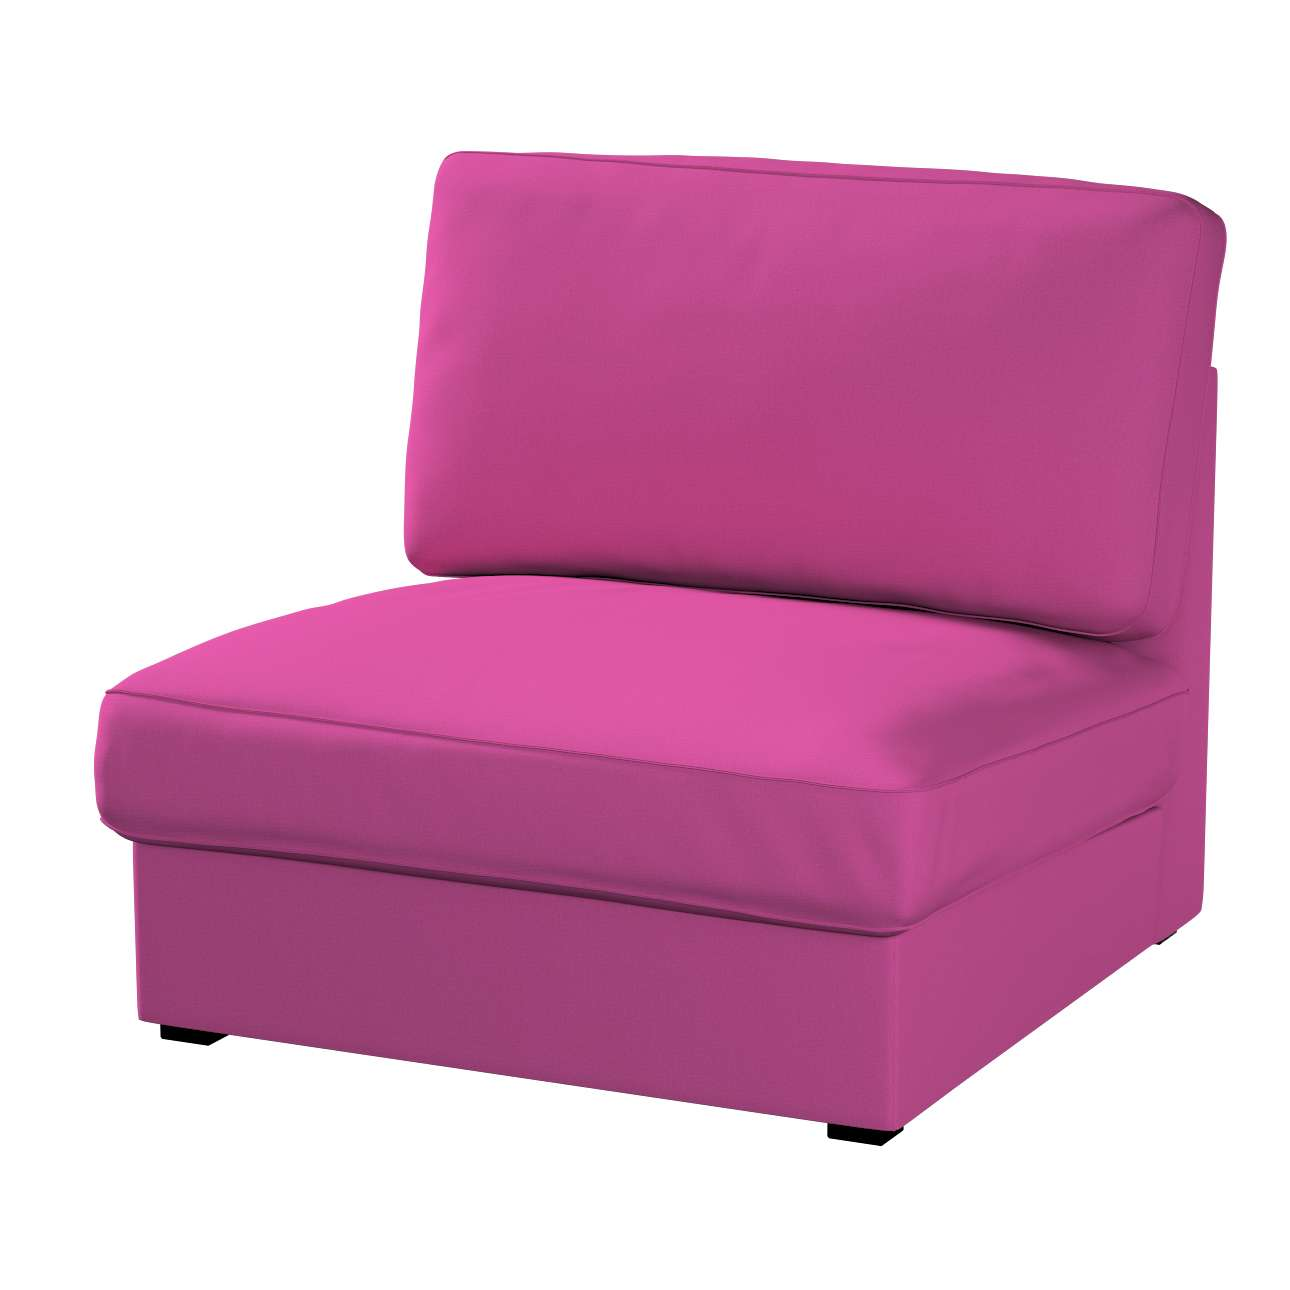 KIVIK fotelio/vienvietės dalies užvalkalas Kivik armchair kolekcijoje Etna , audinys: 705-23